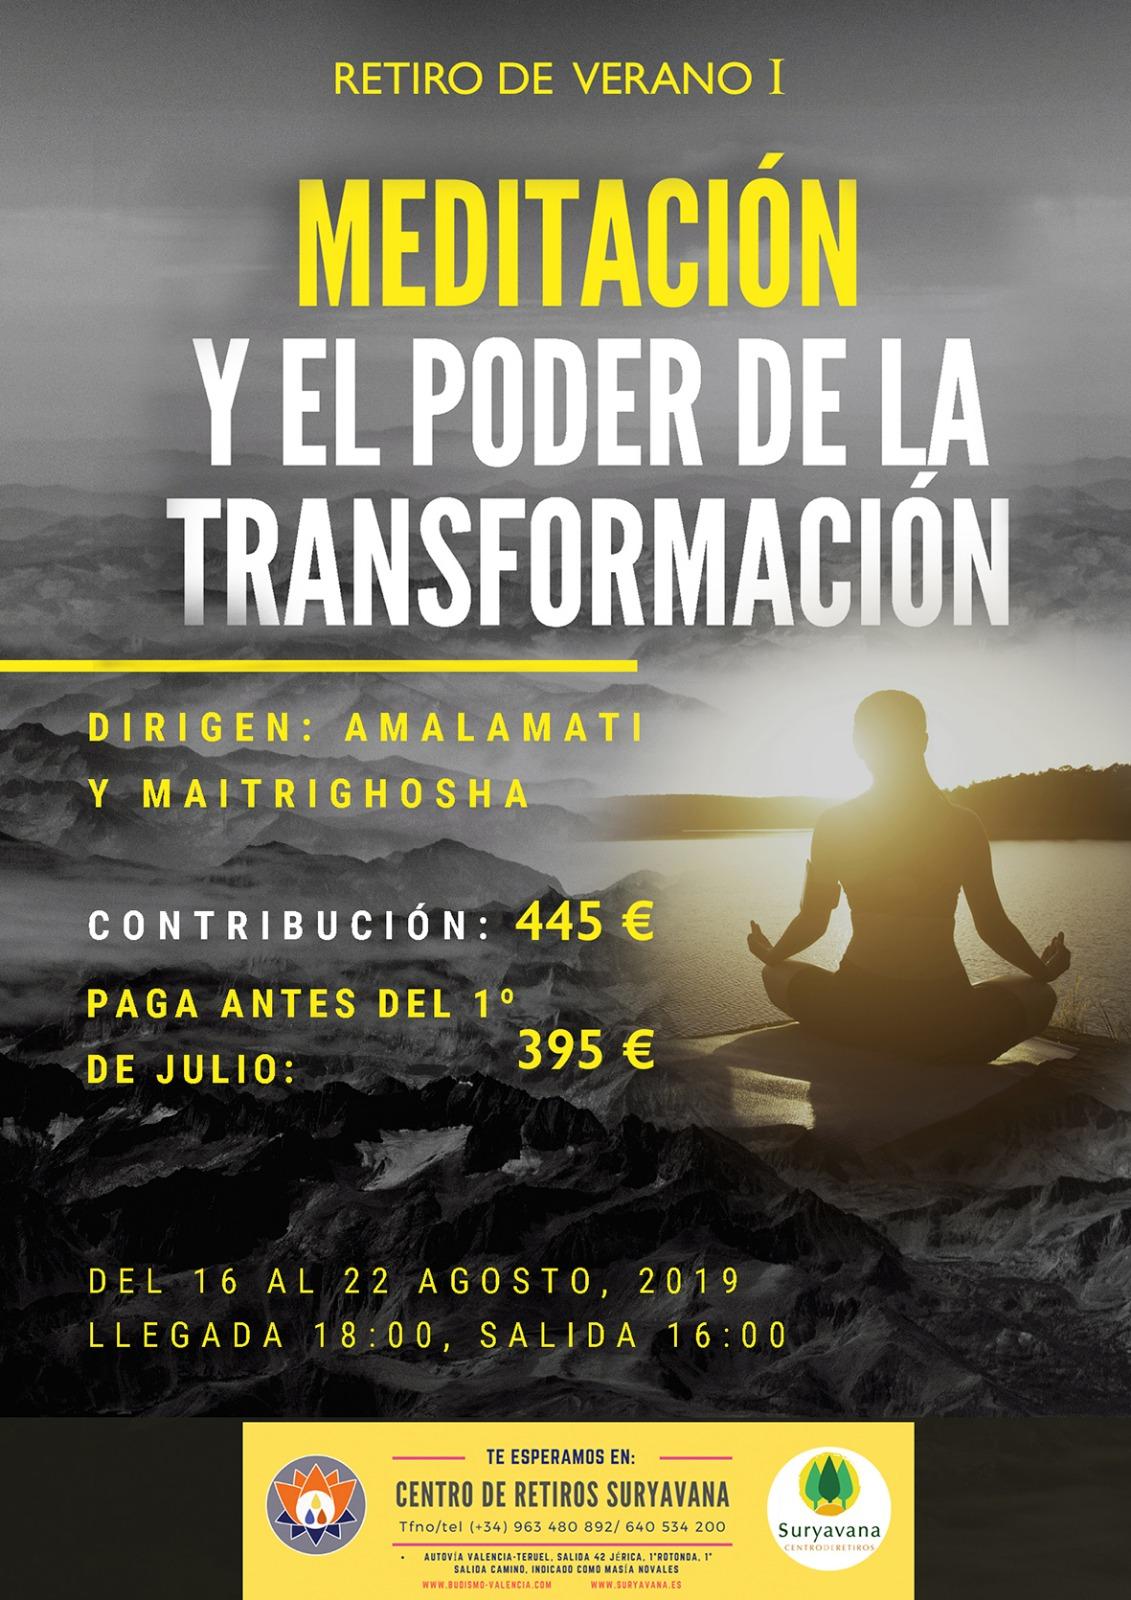 La Meditación y el poder de transformación